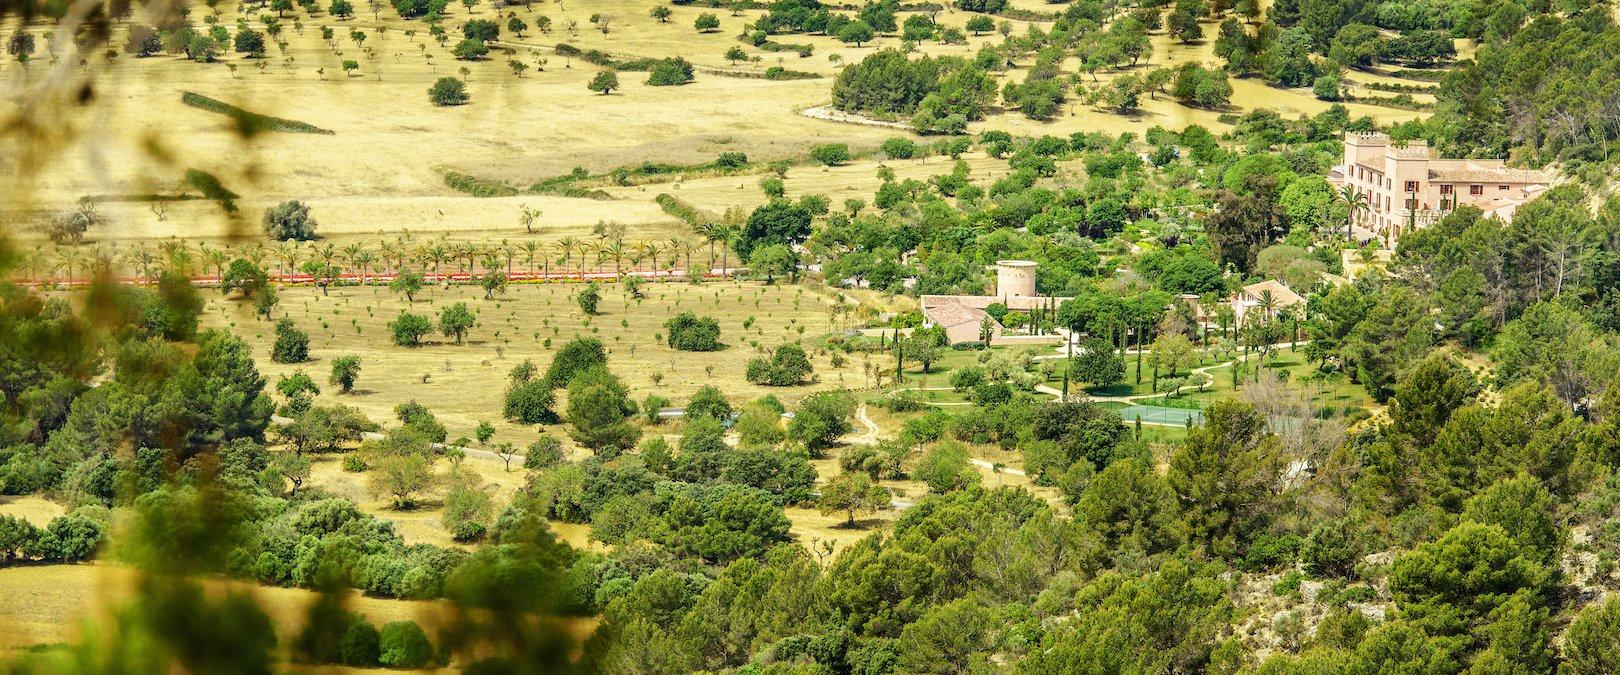 Castell Son Claret Bird View